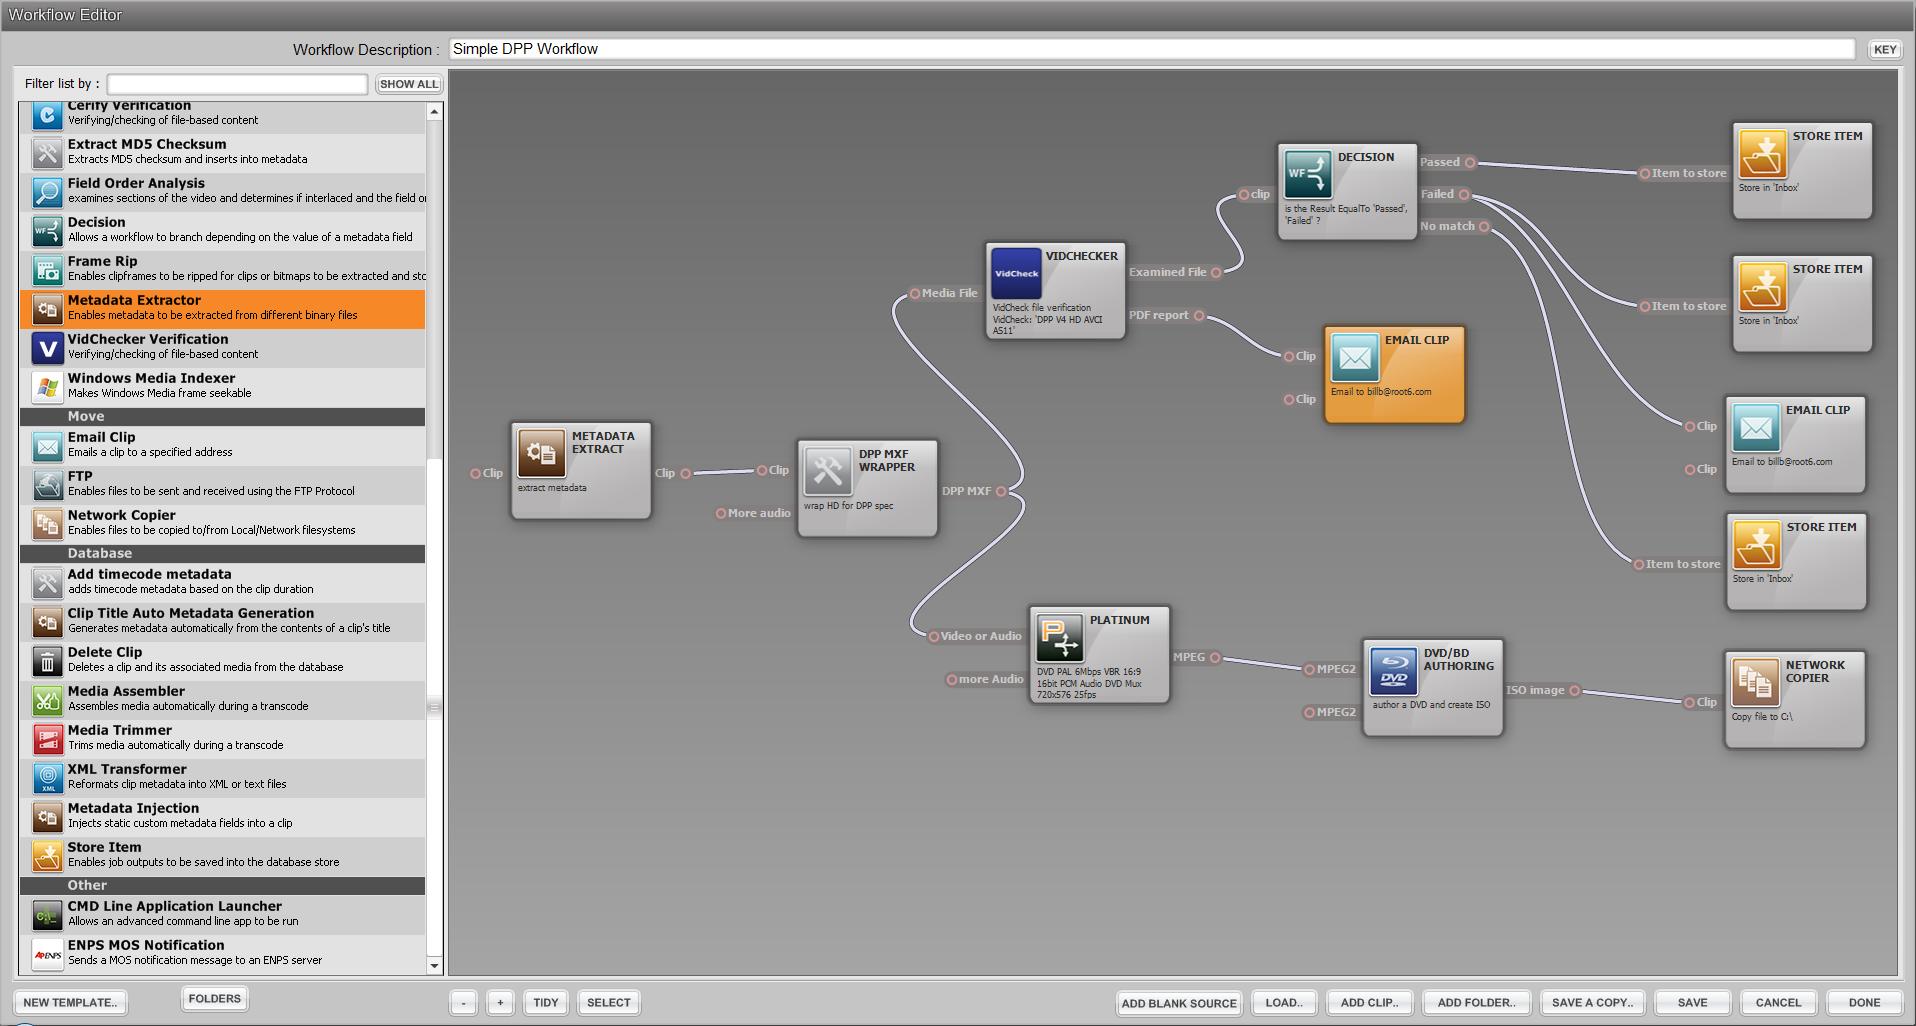 Content Agent Workflow designer UI